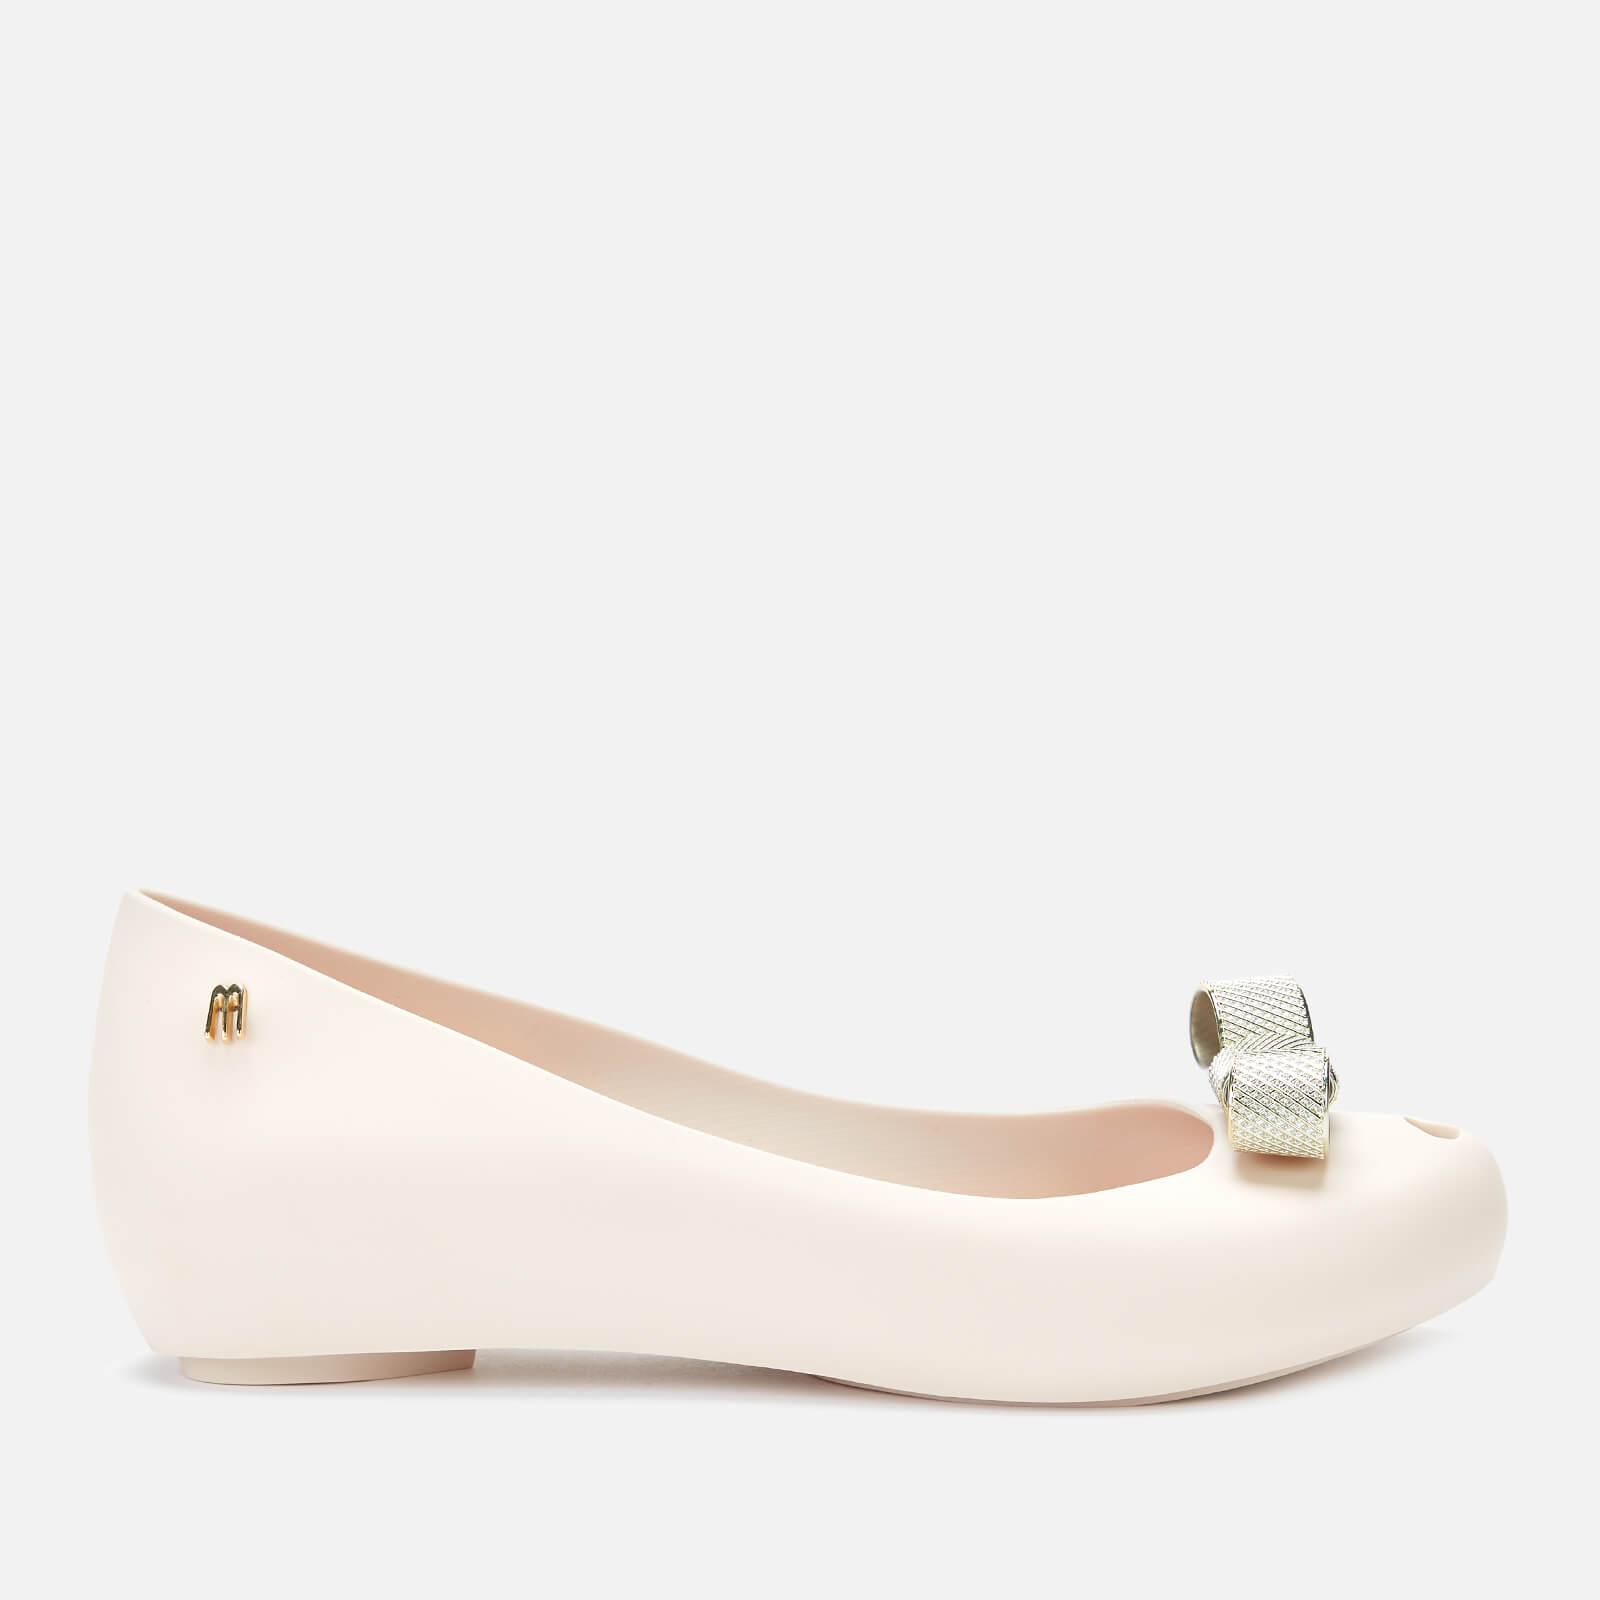 Melissa Women's Ultragirl Chrome Tie Ballet Flats - Ivory - UK 3 - White